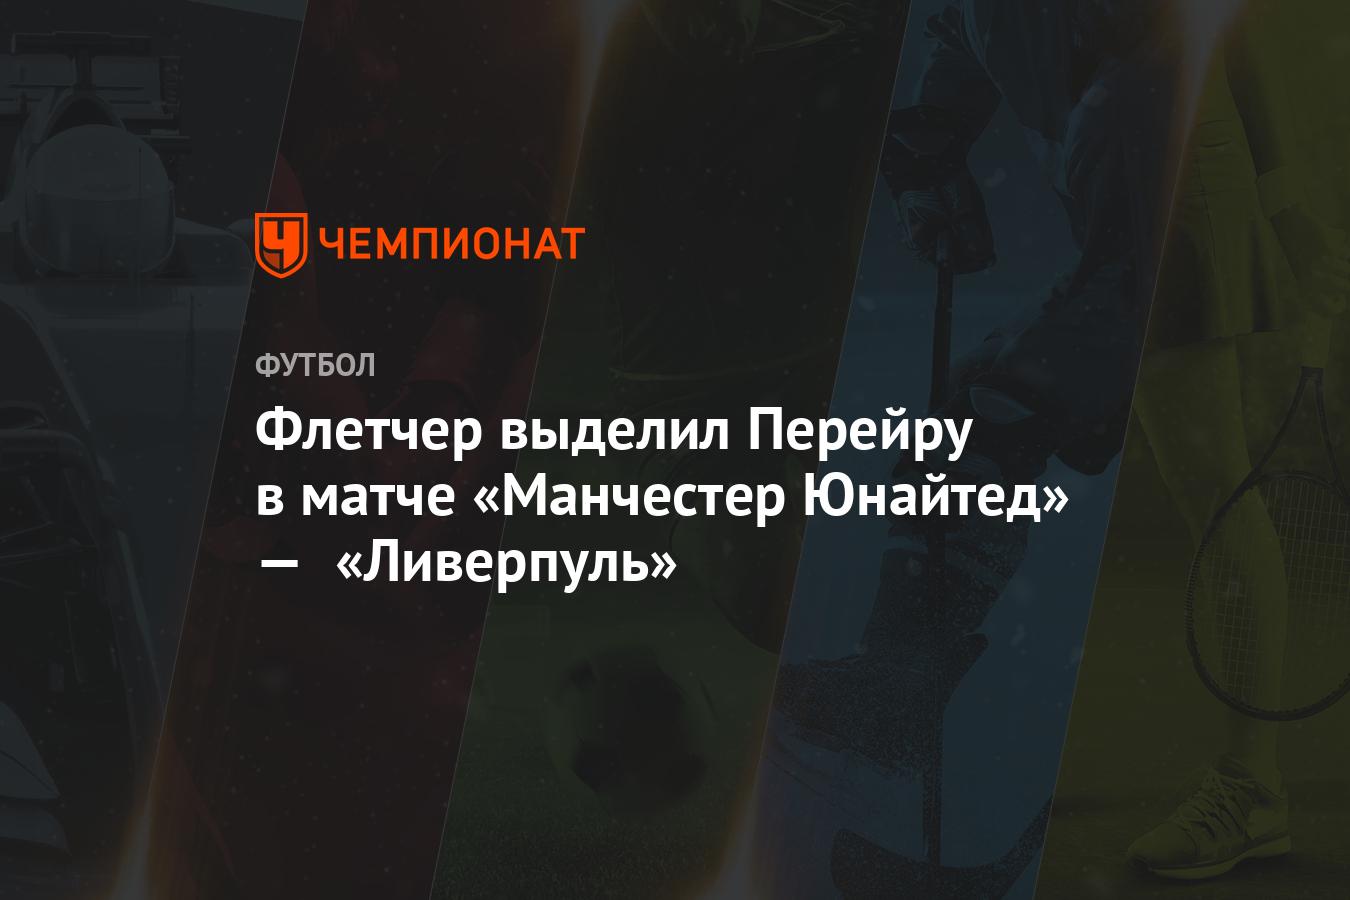 Флетчер выделил Перейру в матче «Манчестер Юнайтед» — «Ливерпуль»